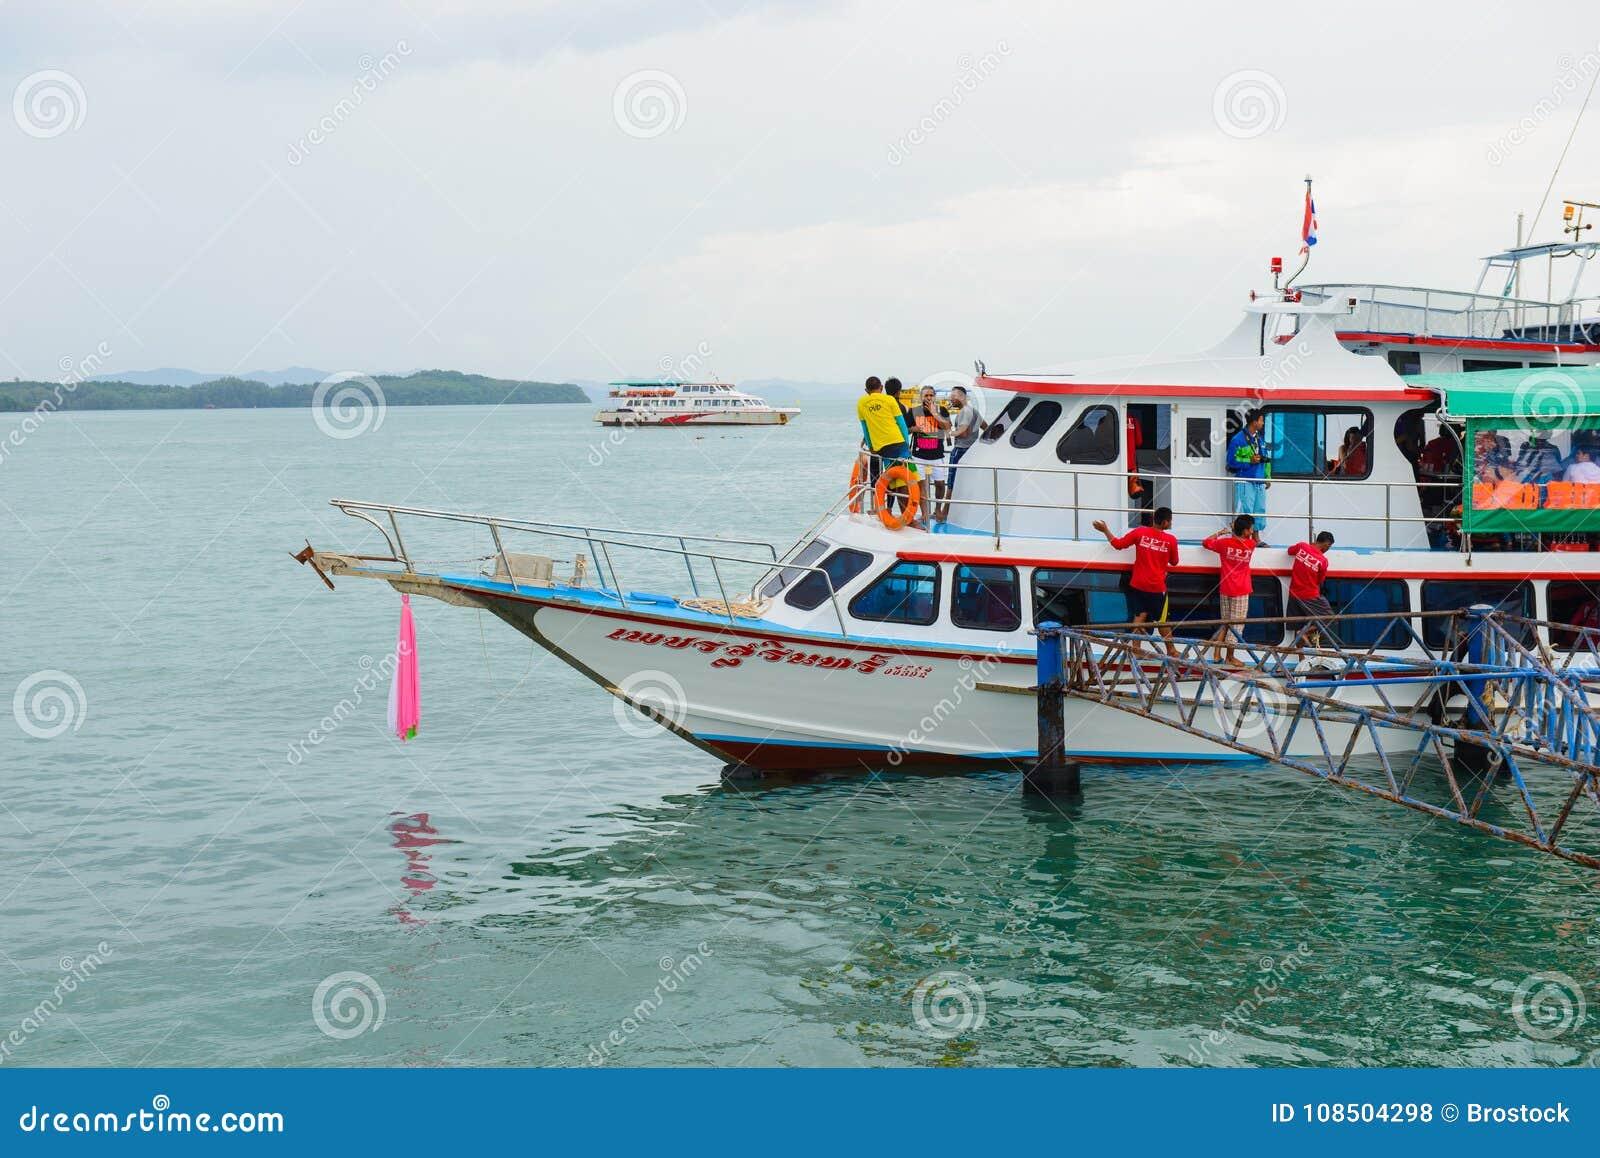 Phuket Thailand - Oktober 7, 2014: Stor träfärja med passagerare som transporterar turister från Phuket till Koh Hong Phang Ng